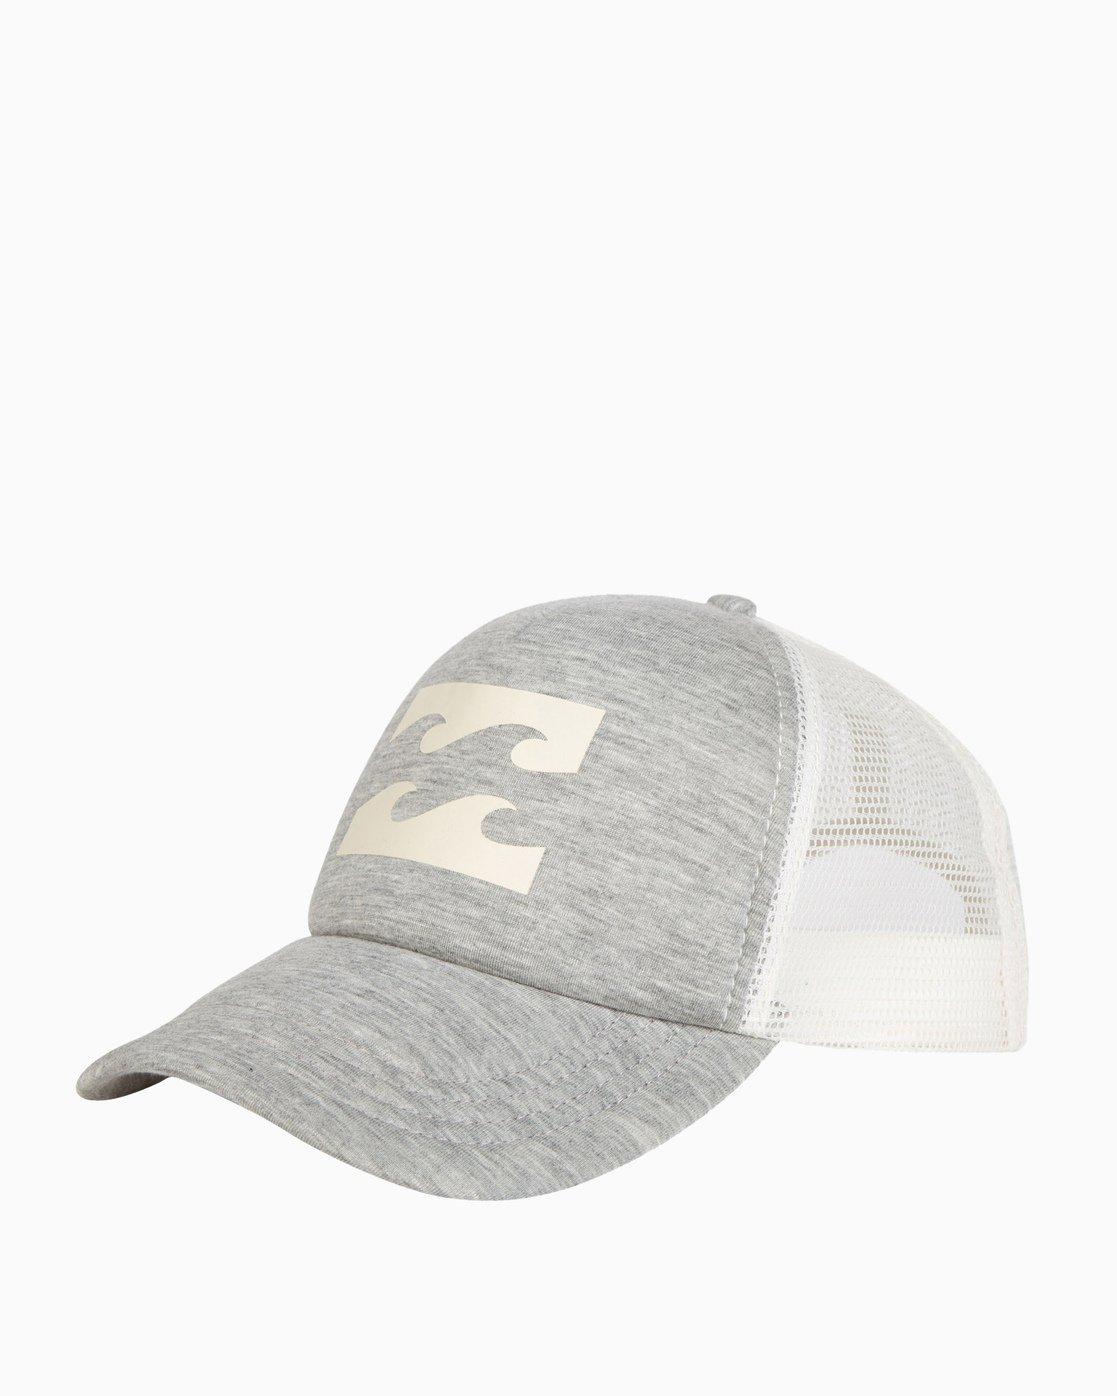 2bc1133e56a2e 0 Billabong Trucker Hat Grey JAHTDBIL Billabong